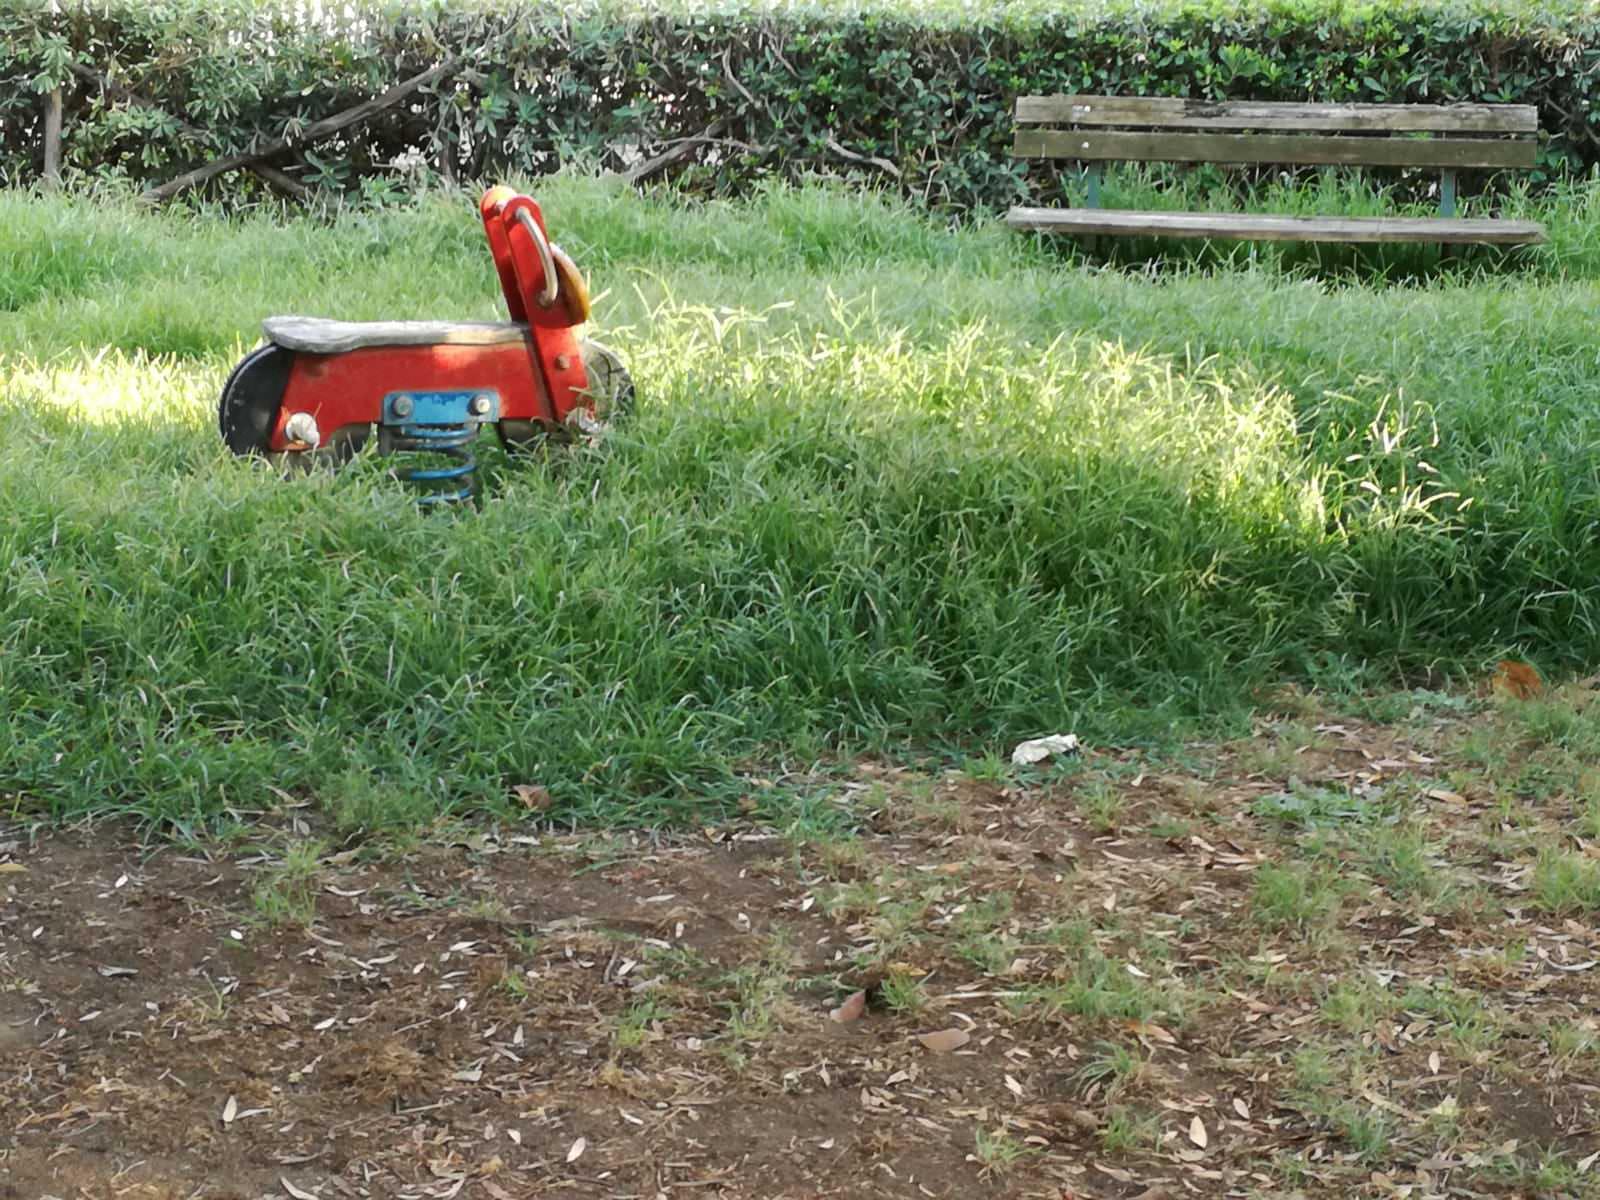 Parco Madre Teresa: le FOTO delle fontane distrutte, di alberi caduti e dell'erba incolta